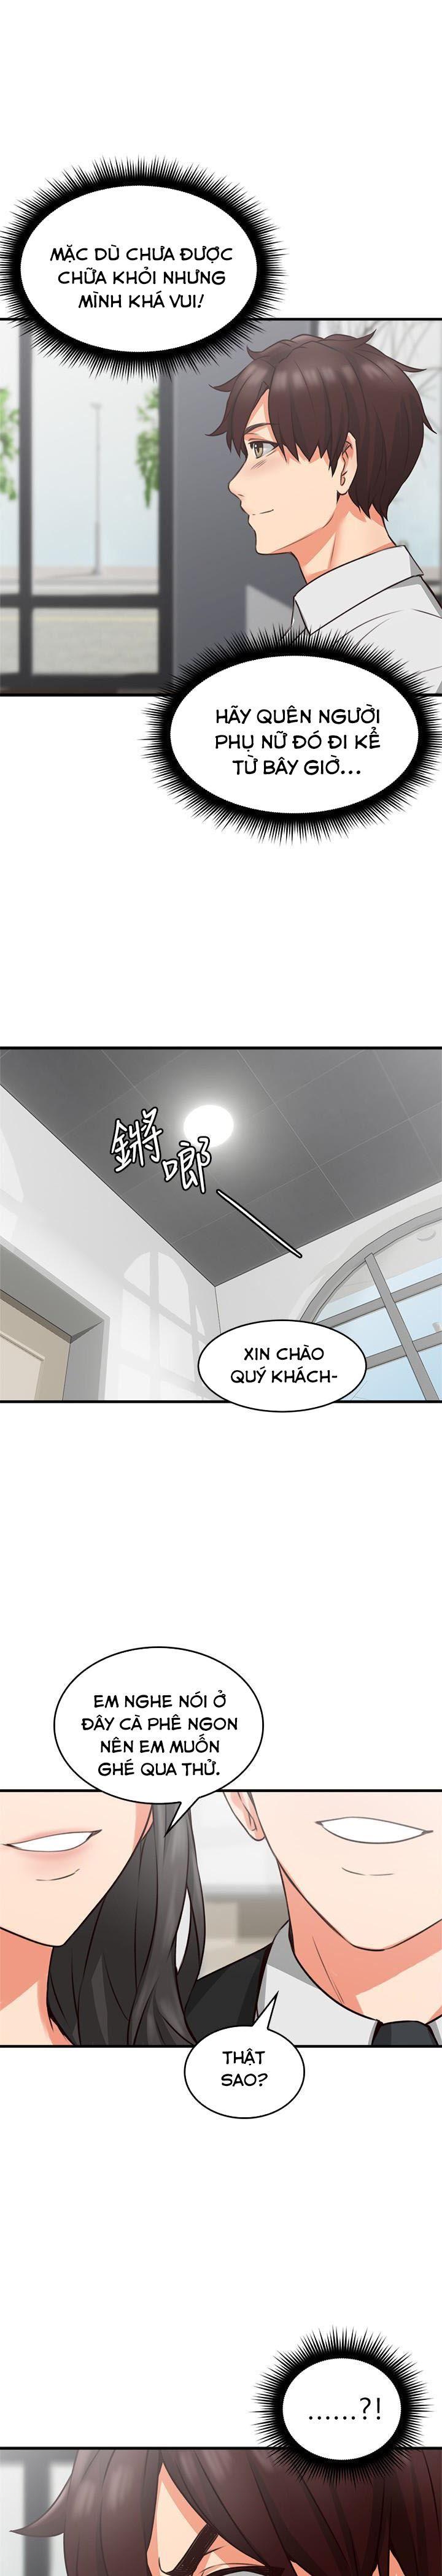 Vợ Hàng Xóm Chap 9 . Next Chap Chap 10